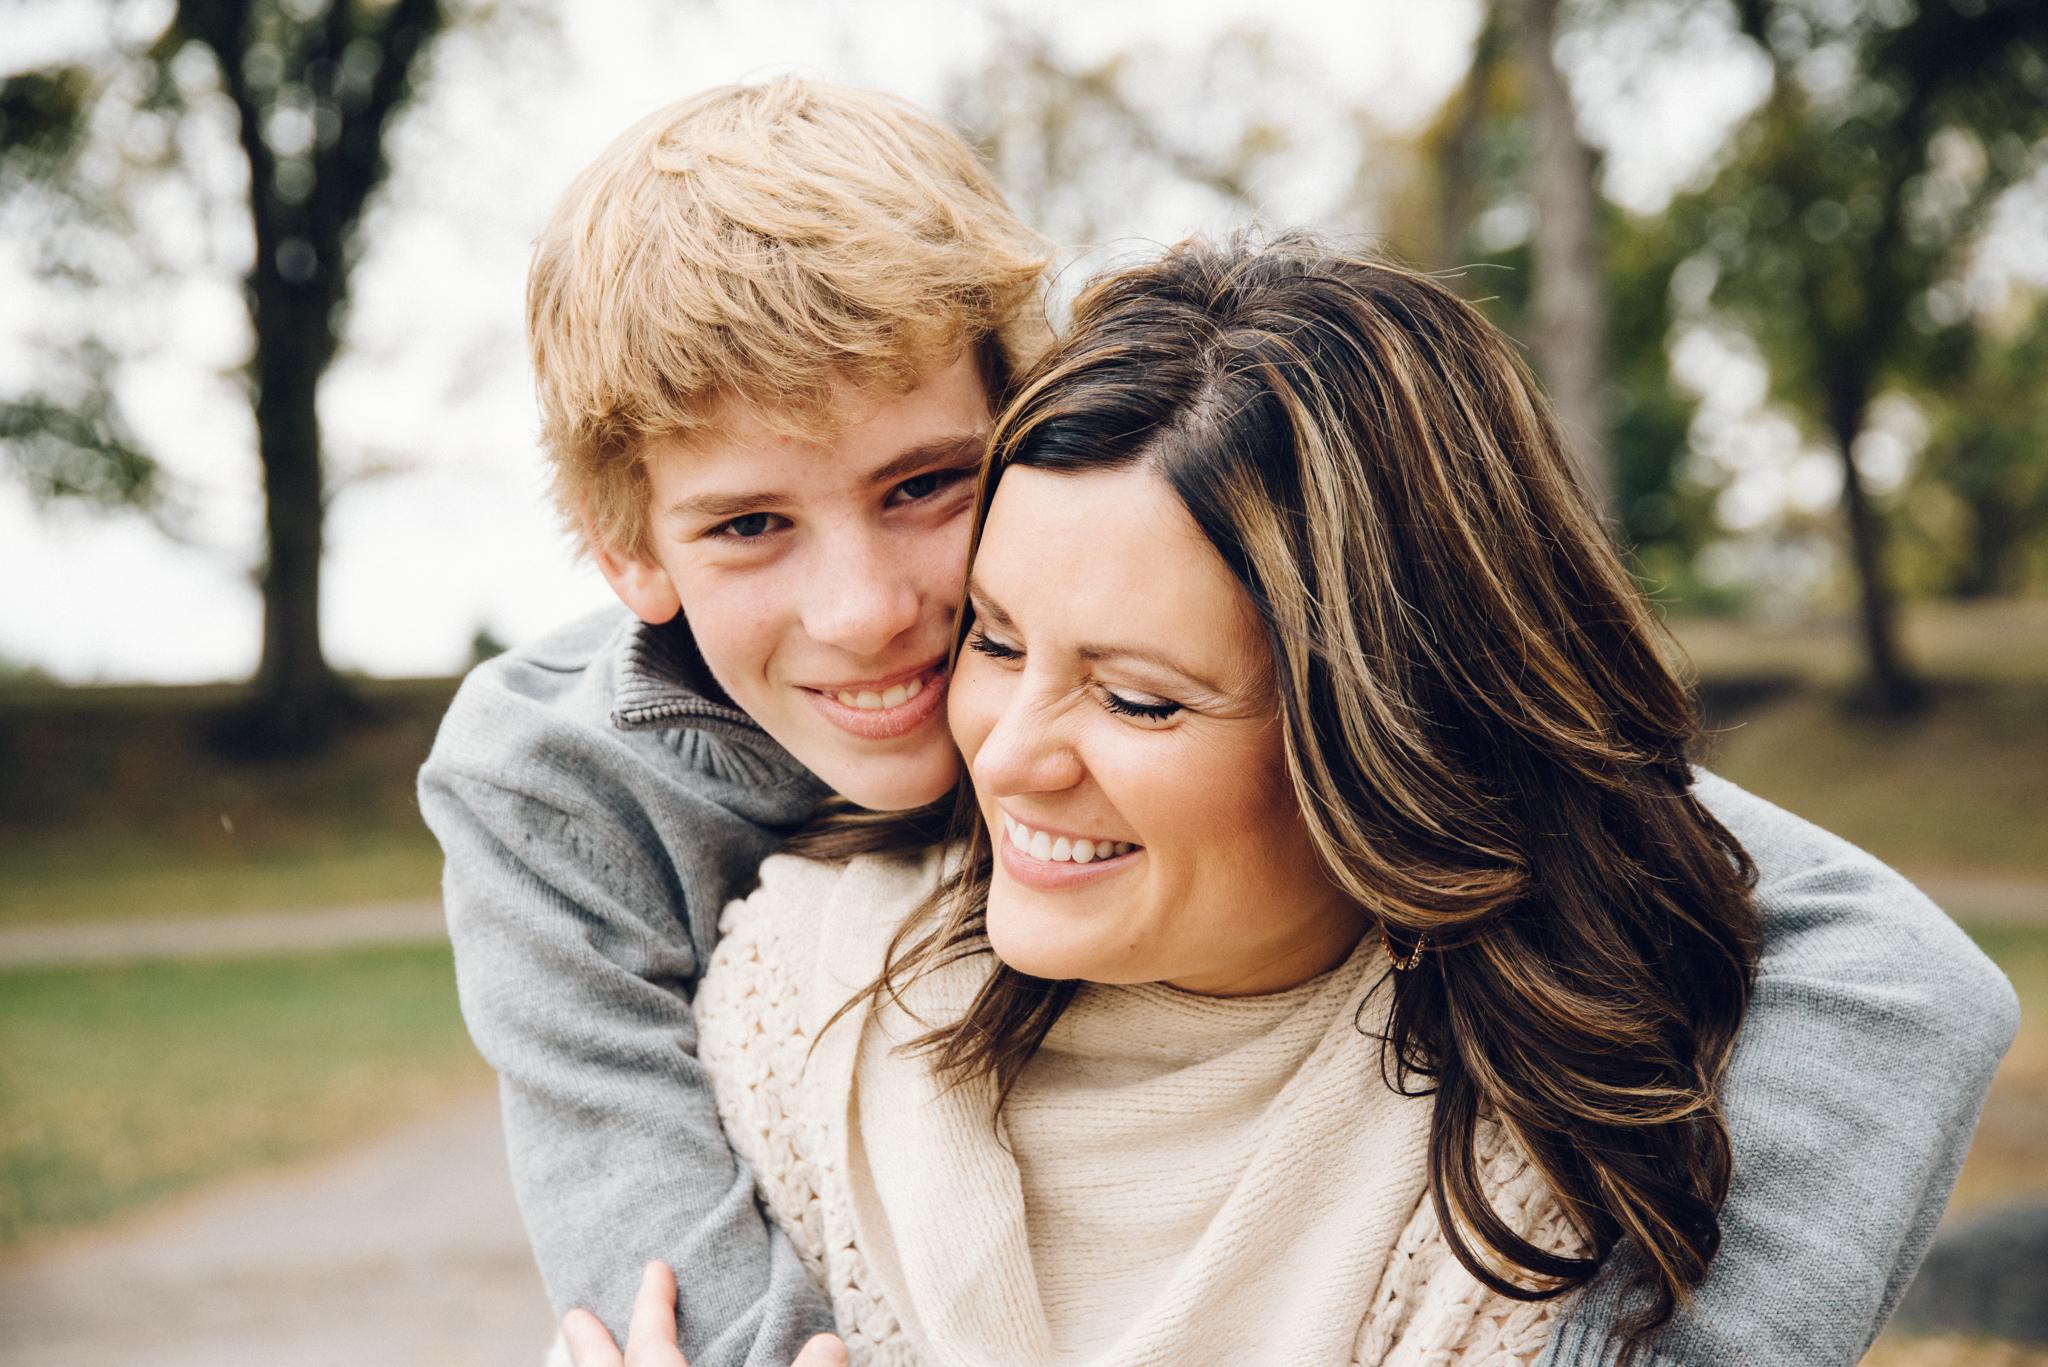 Childrens_Family_Photographer_Fargo_Moorhead-5136.jpg